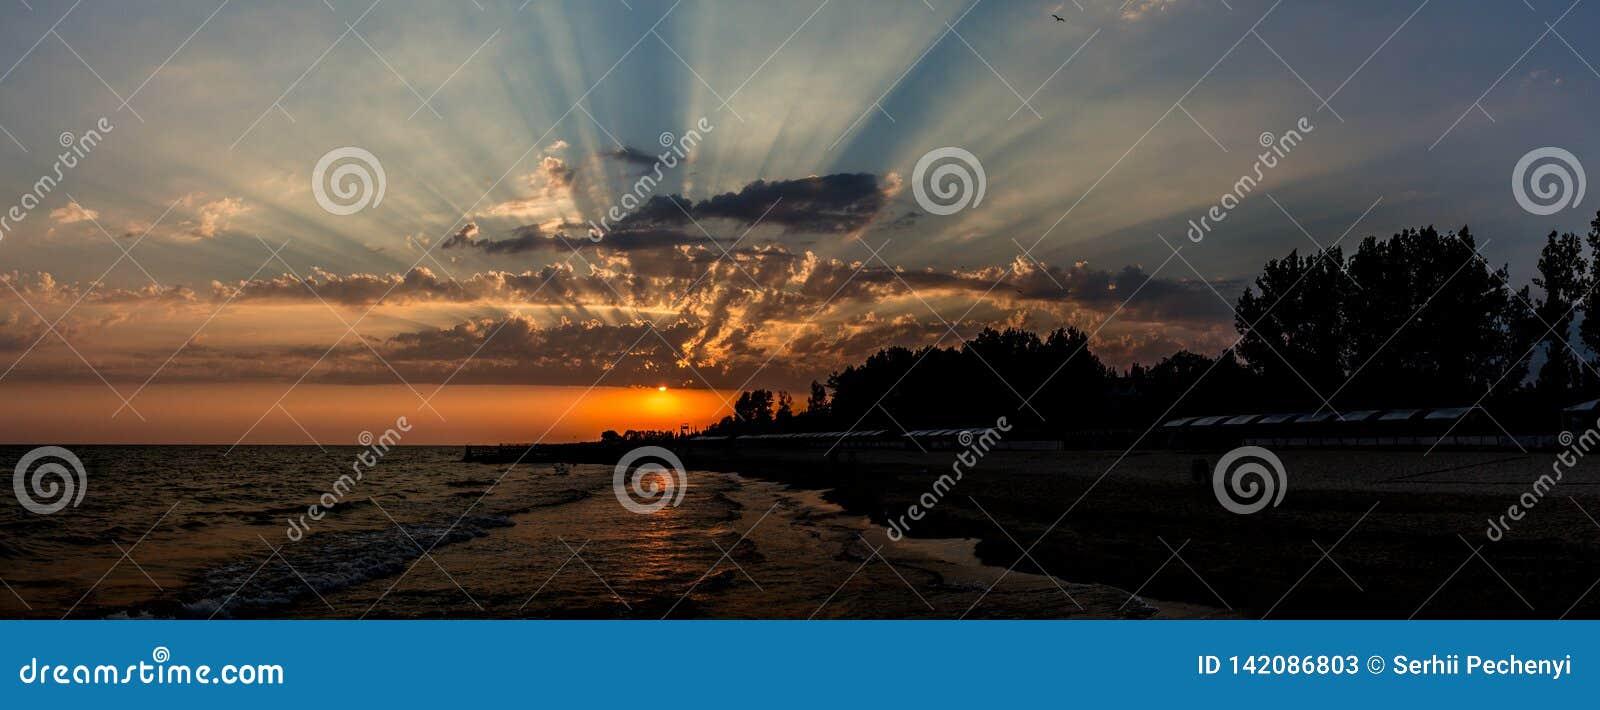 Opinión de la playa Puesta del sol fascinante del paisaje marino